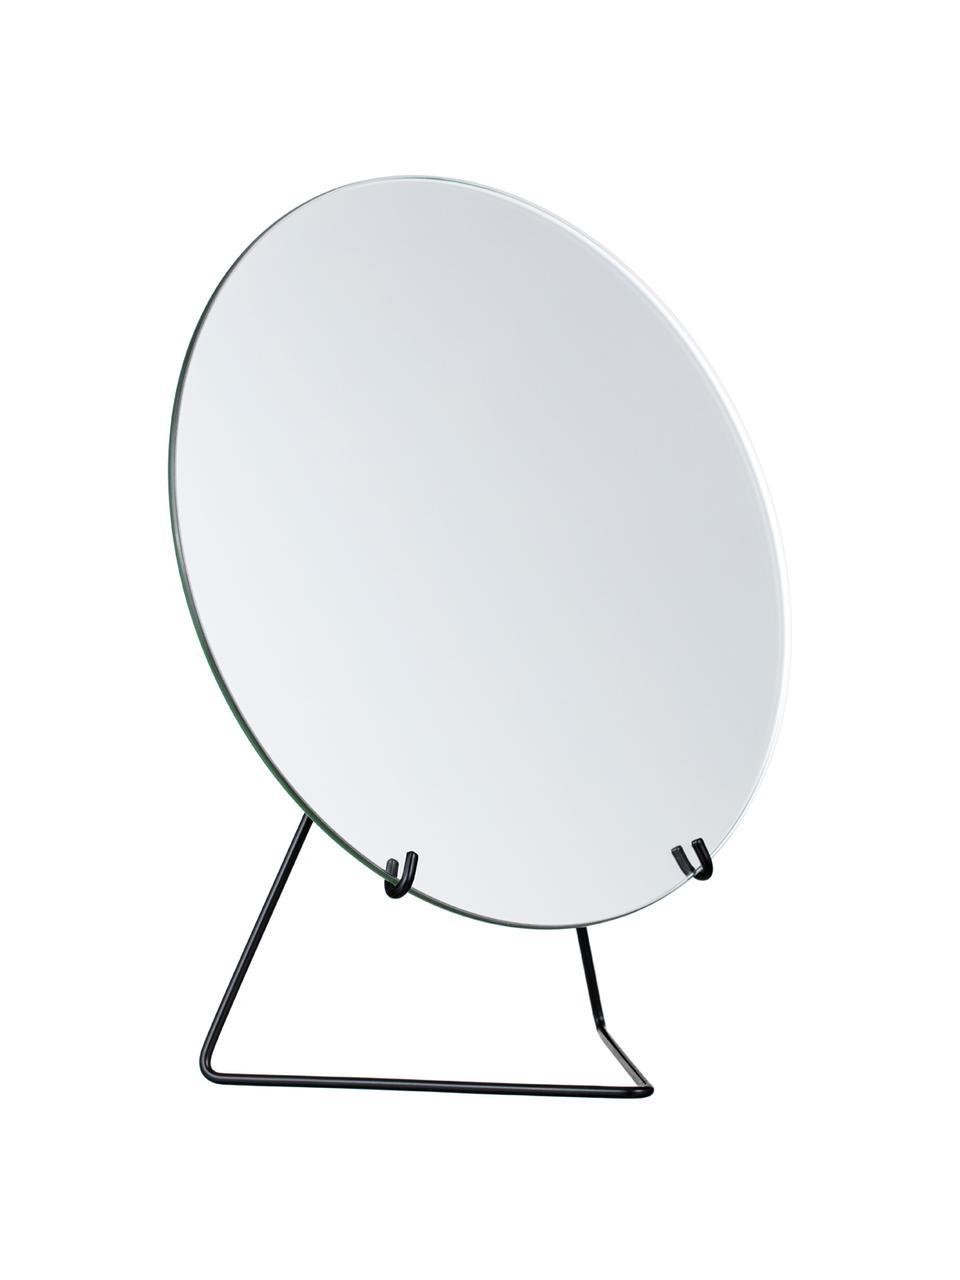 Specchio cosmetico Standing Mirror, Telaio: nero Specchio: lastra di vetro, Larg. 20 x Alt. 23 cm